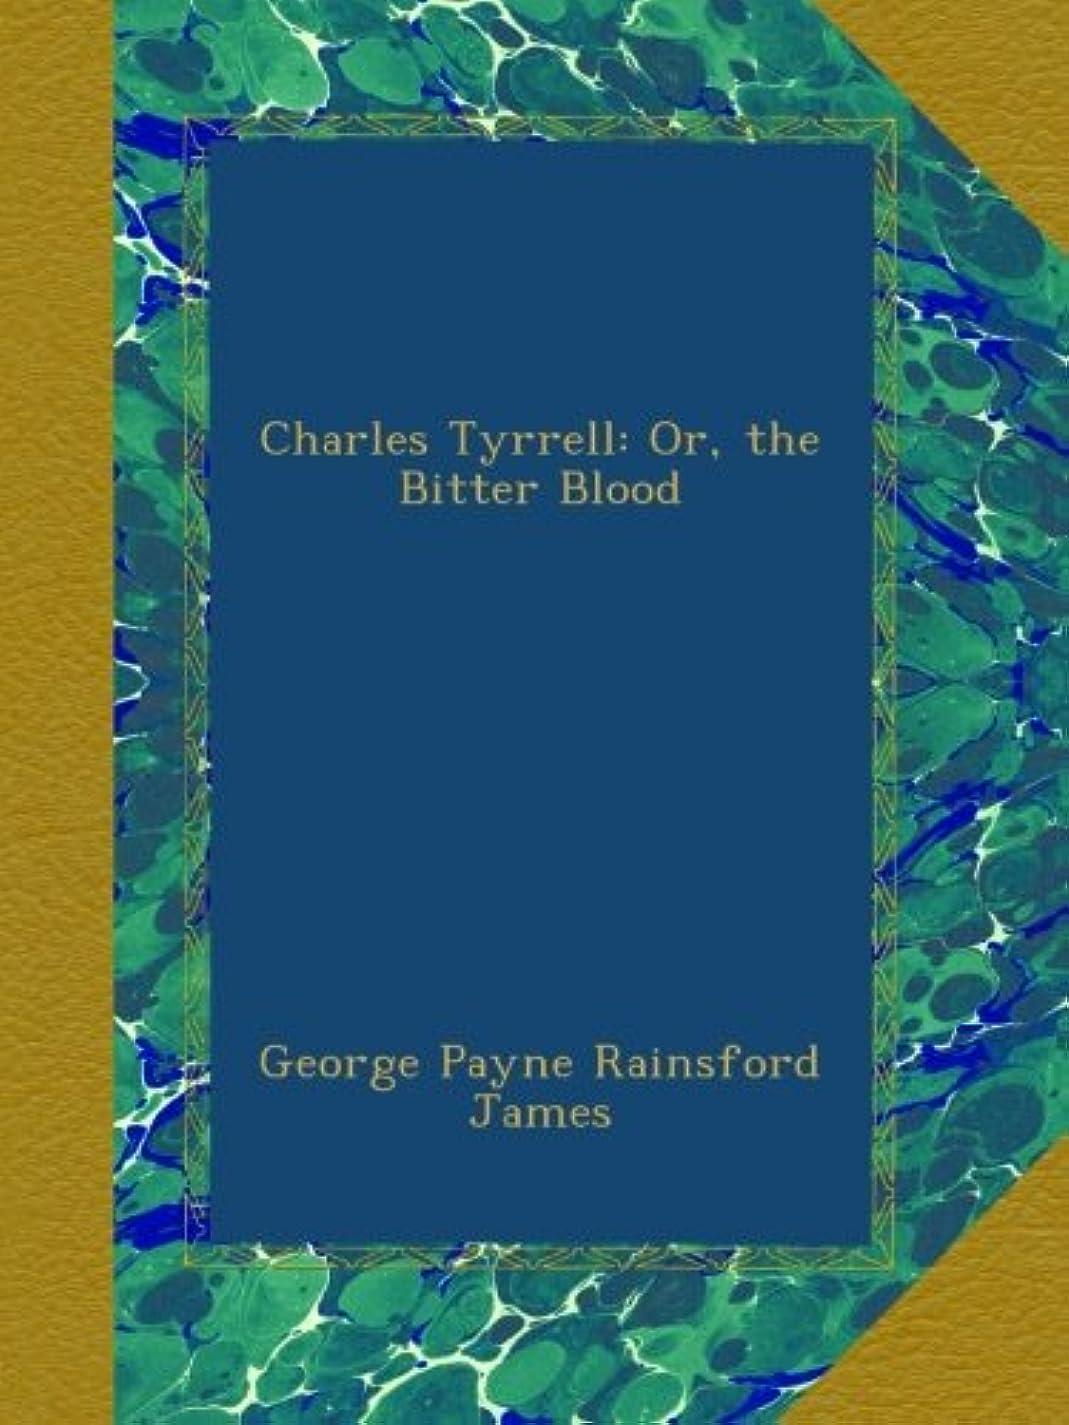 先判決抜粋Charles Tyrrell: Or, the Bitter Blood